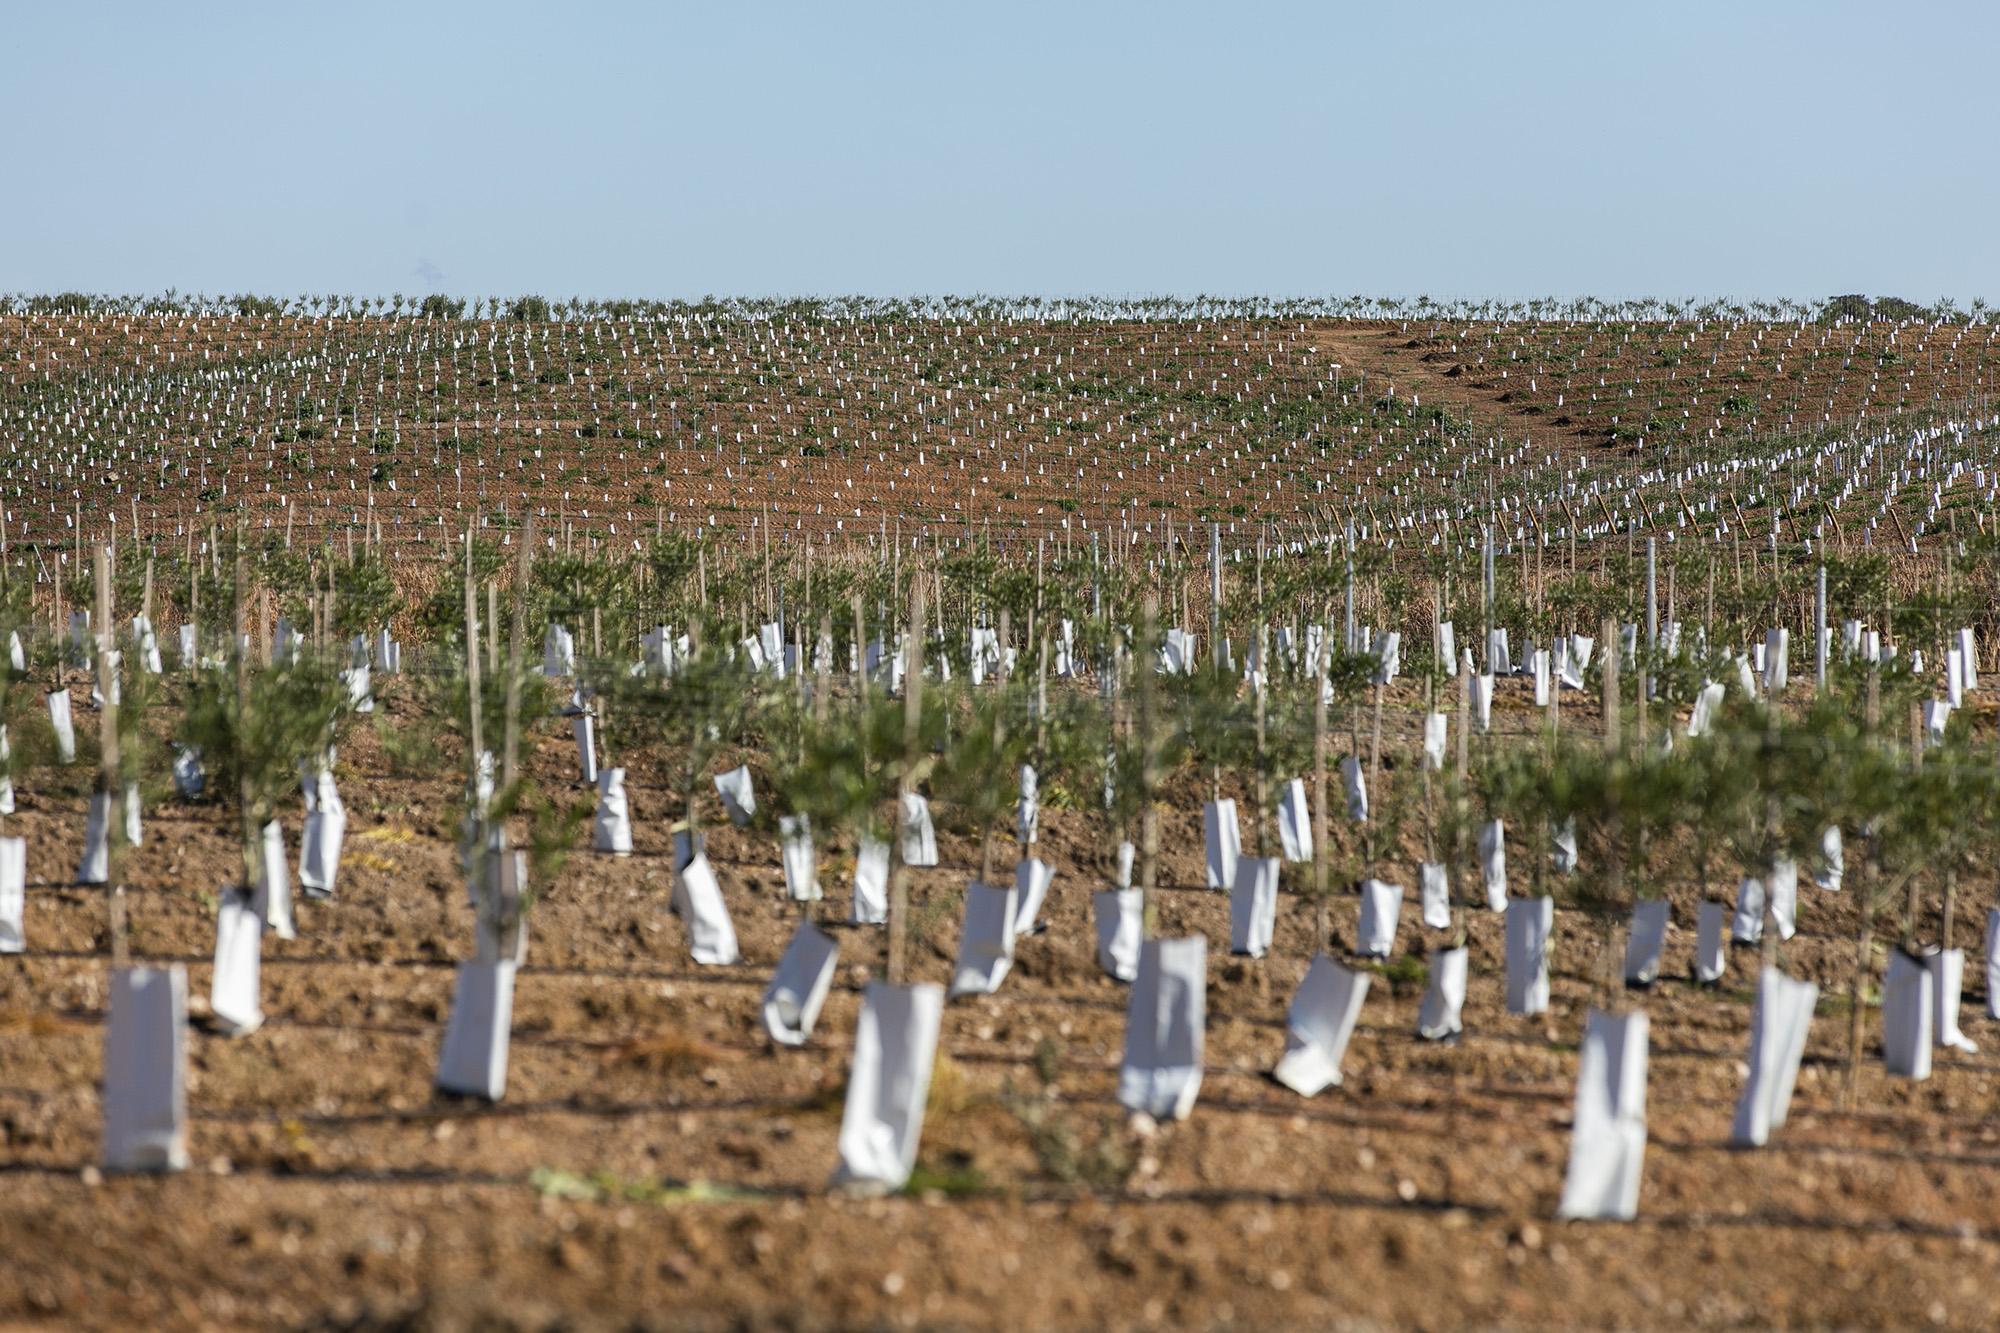 Reportagem olivicultura no Alentejo - 29OUT20